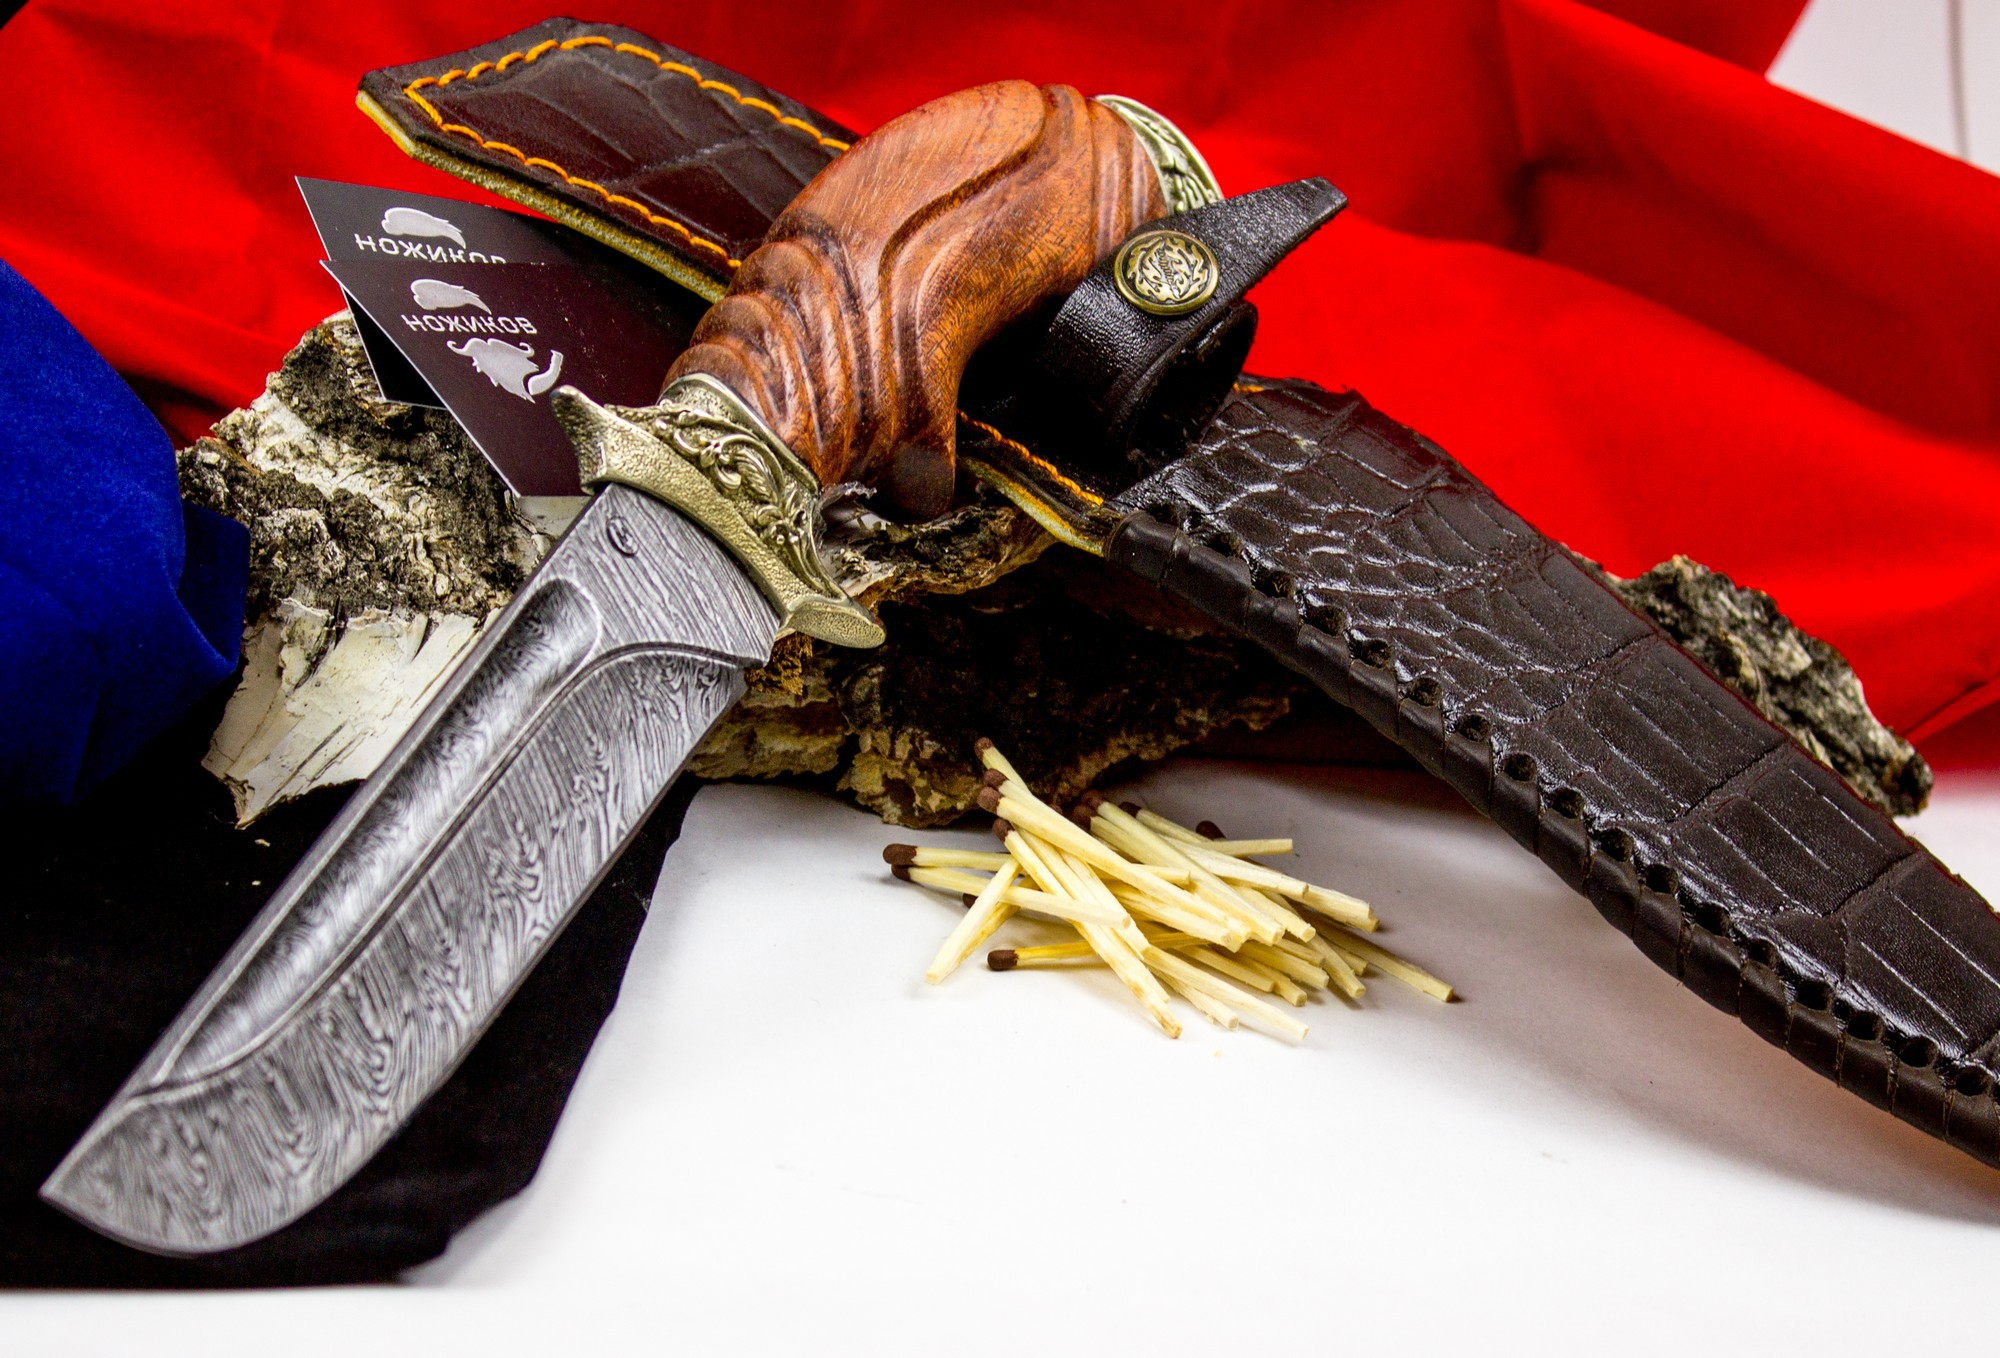 Фото 3 - Нож Варяг с резной рукоятью,  дамасская сталь, литье скорпион от Кузница Семина